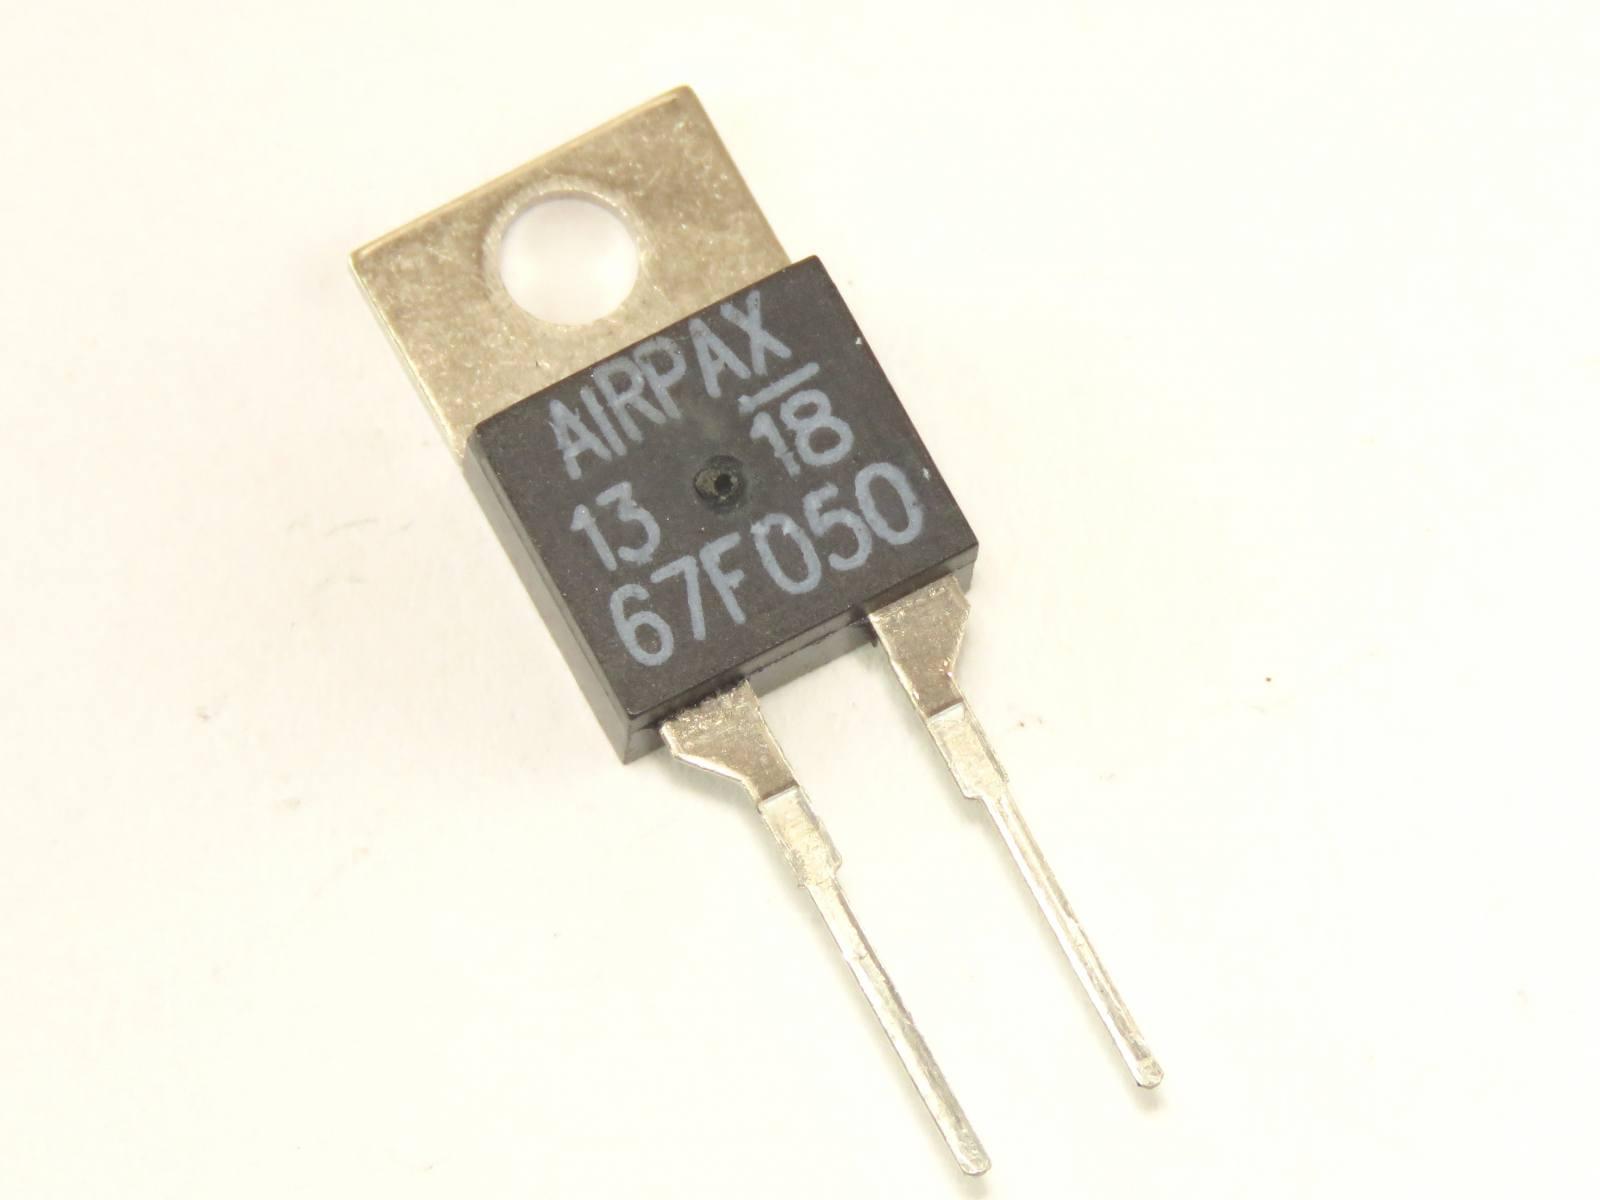 Thermostat 50°C 67F050